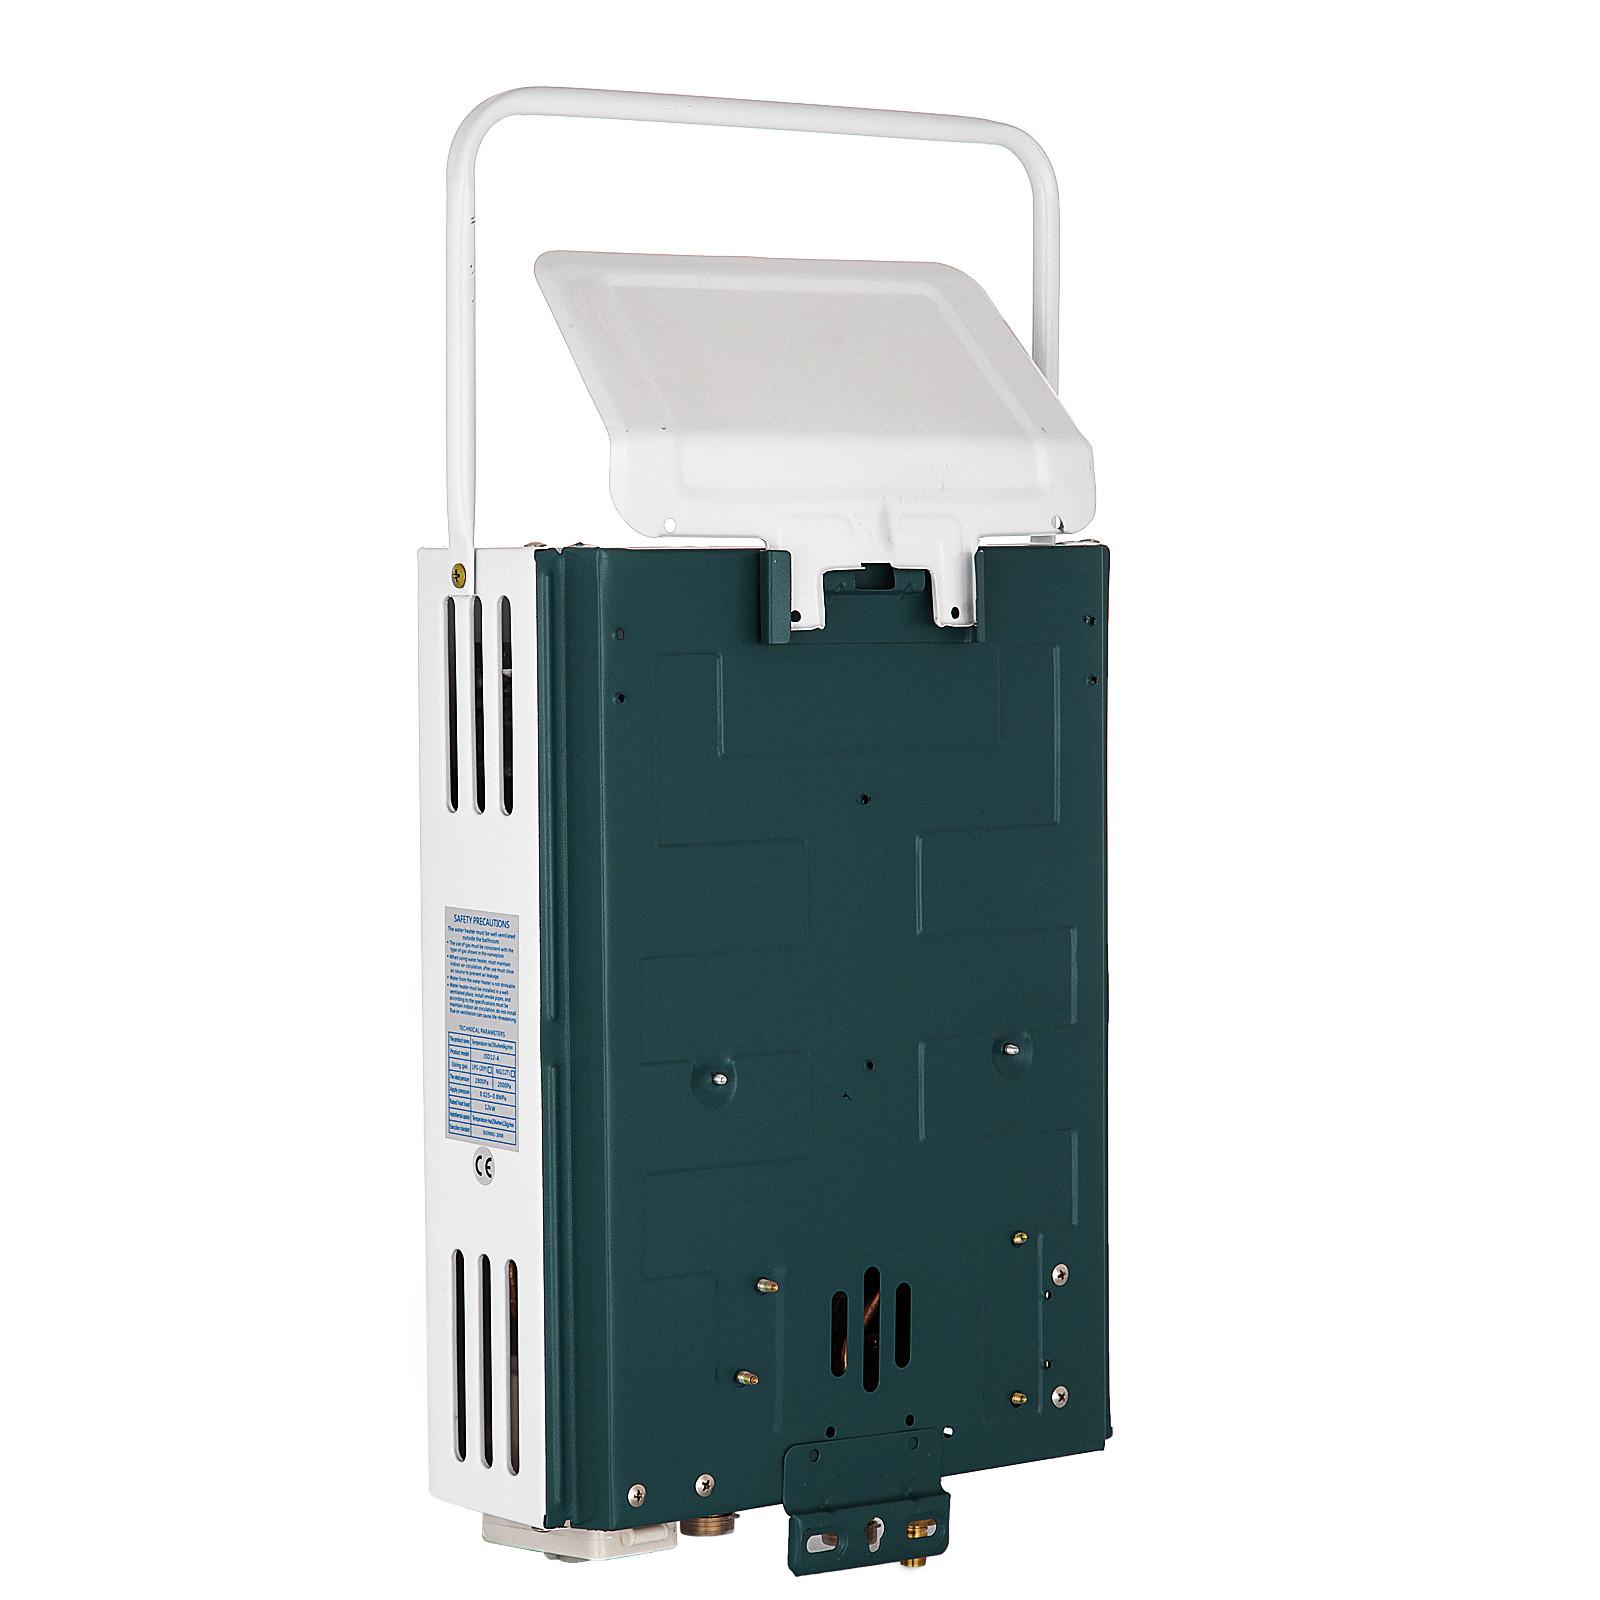 6l 8l 10l 12l 16l 18l Lpg Propane Gas Hot Water Heater